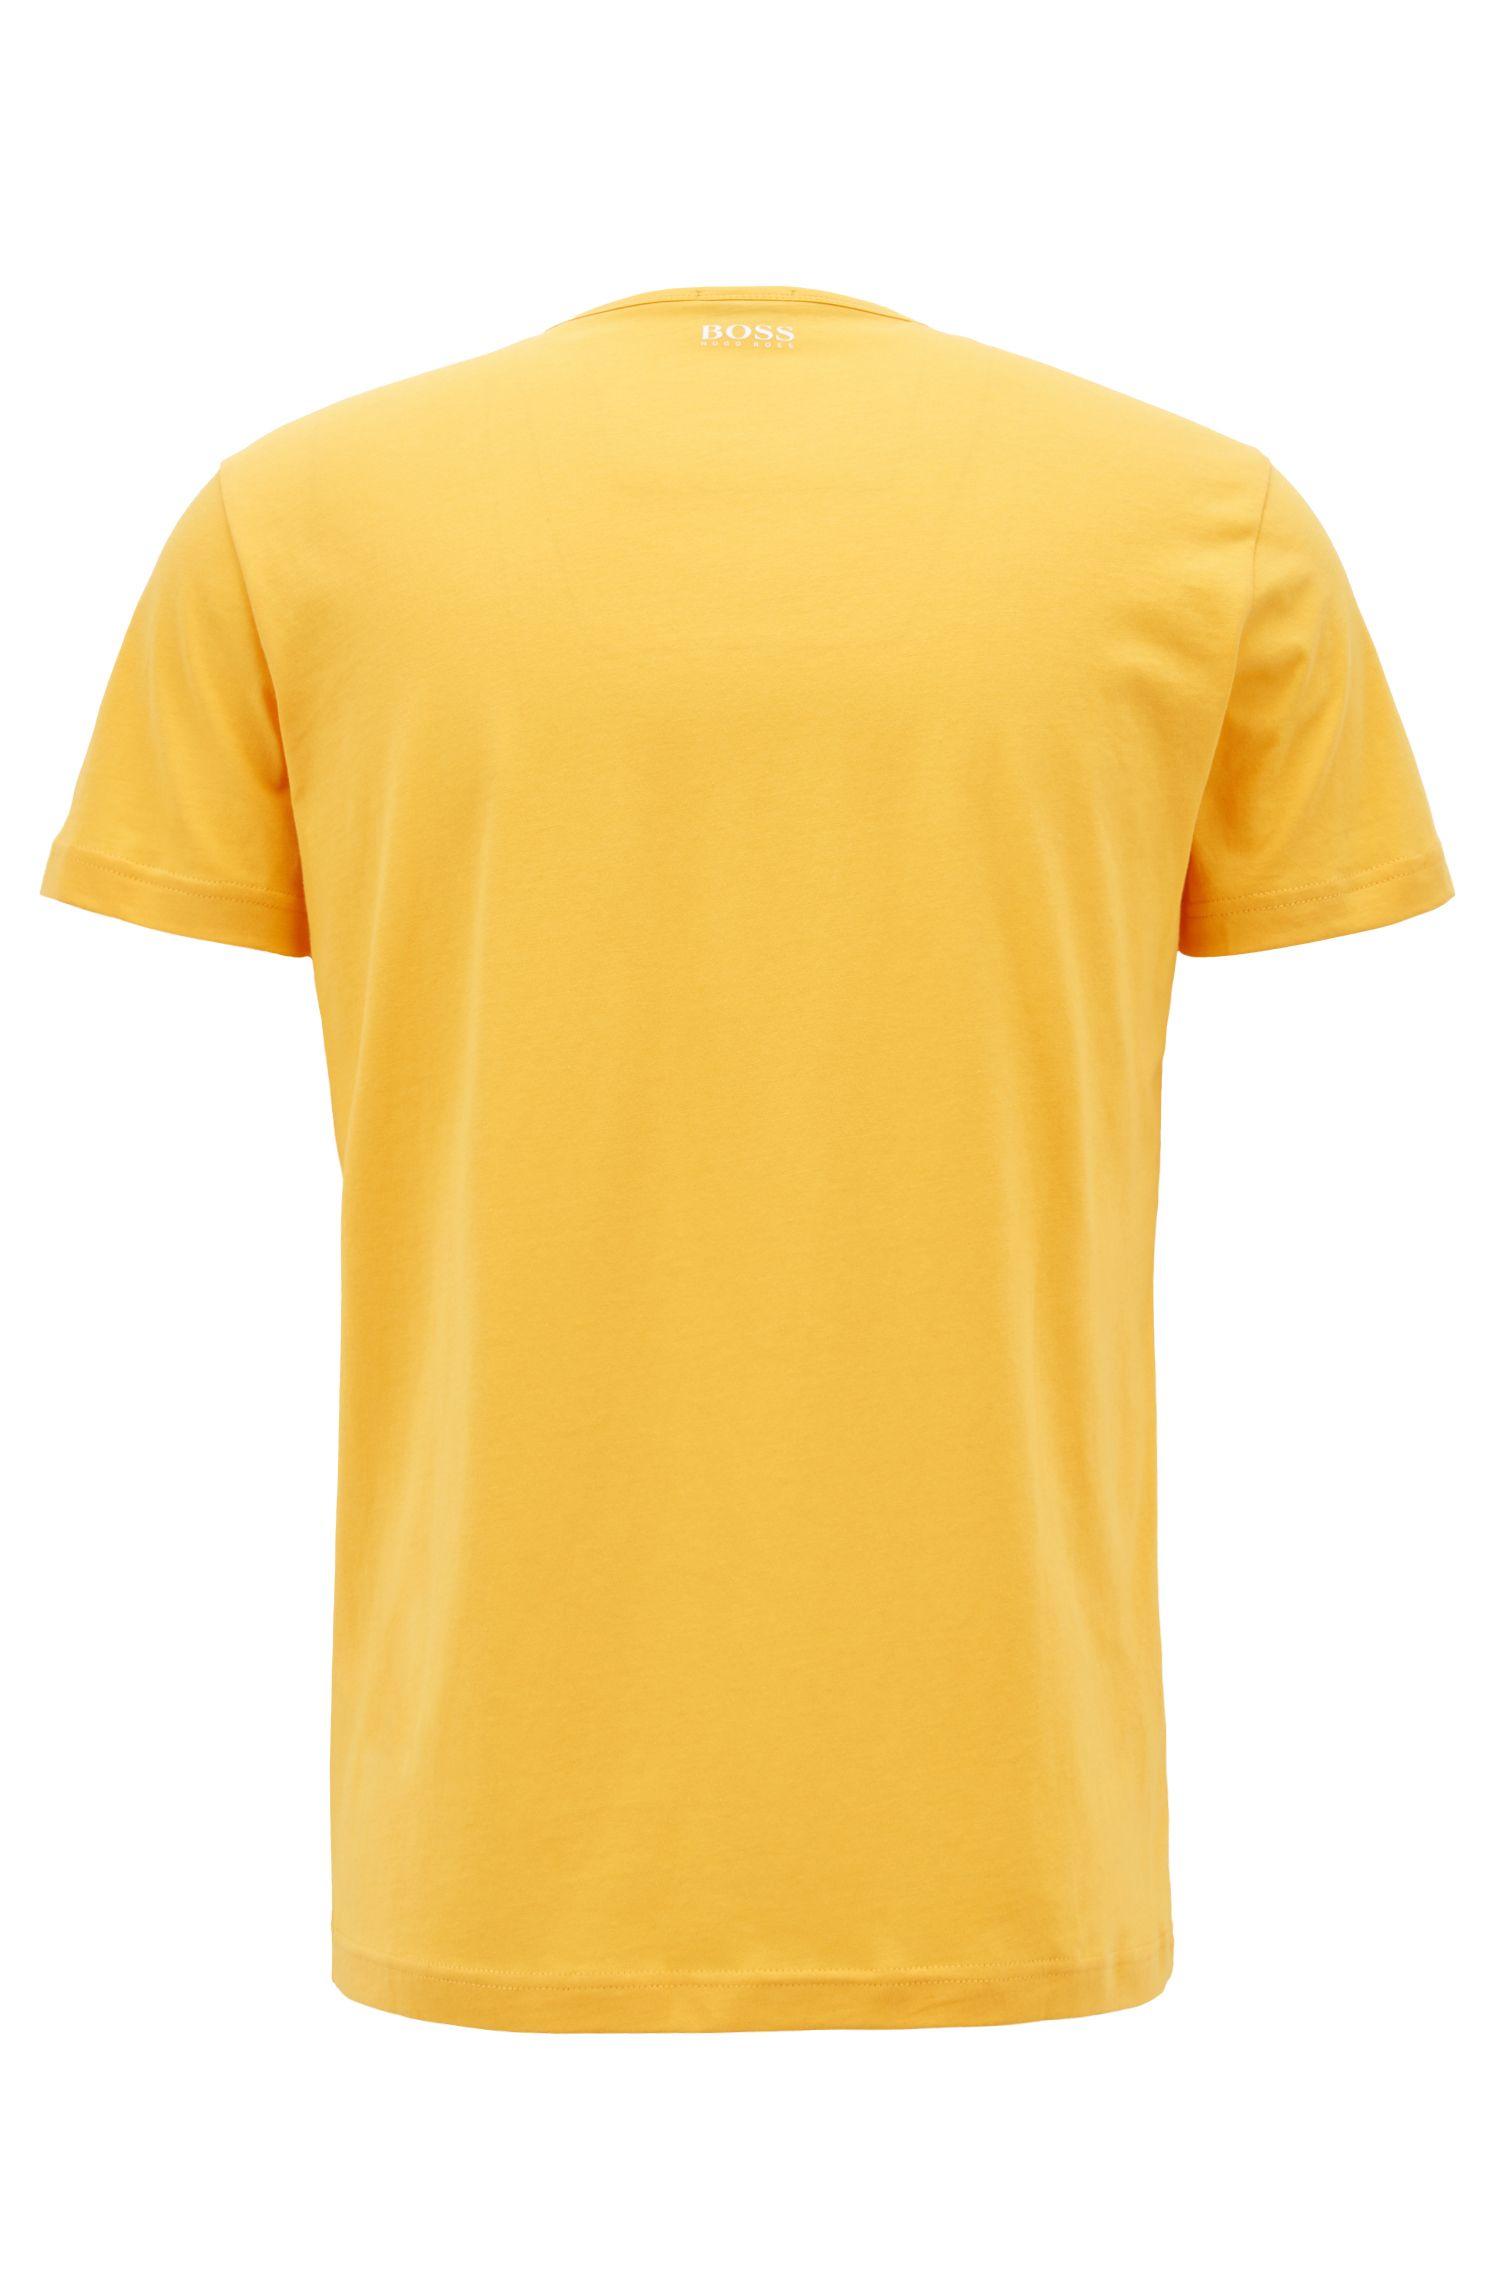 T-shirt à manches courtes en coton, à logo arty imprimé, Jaune clair